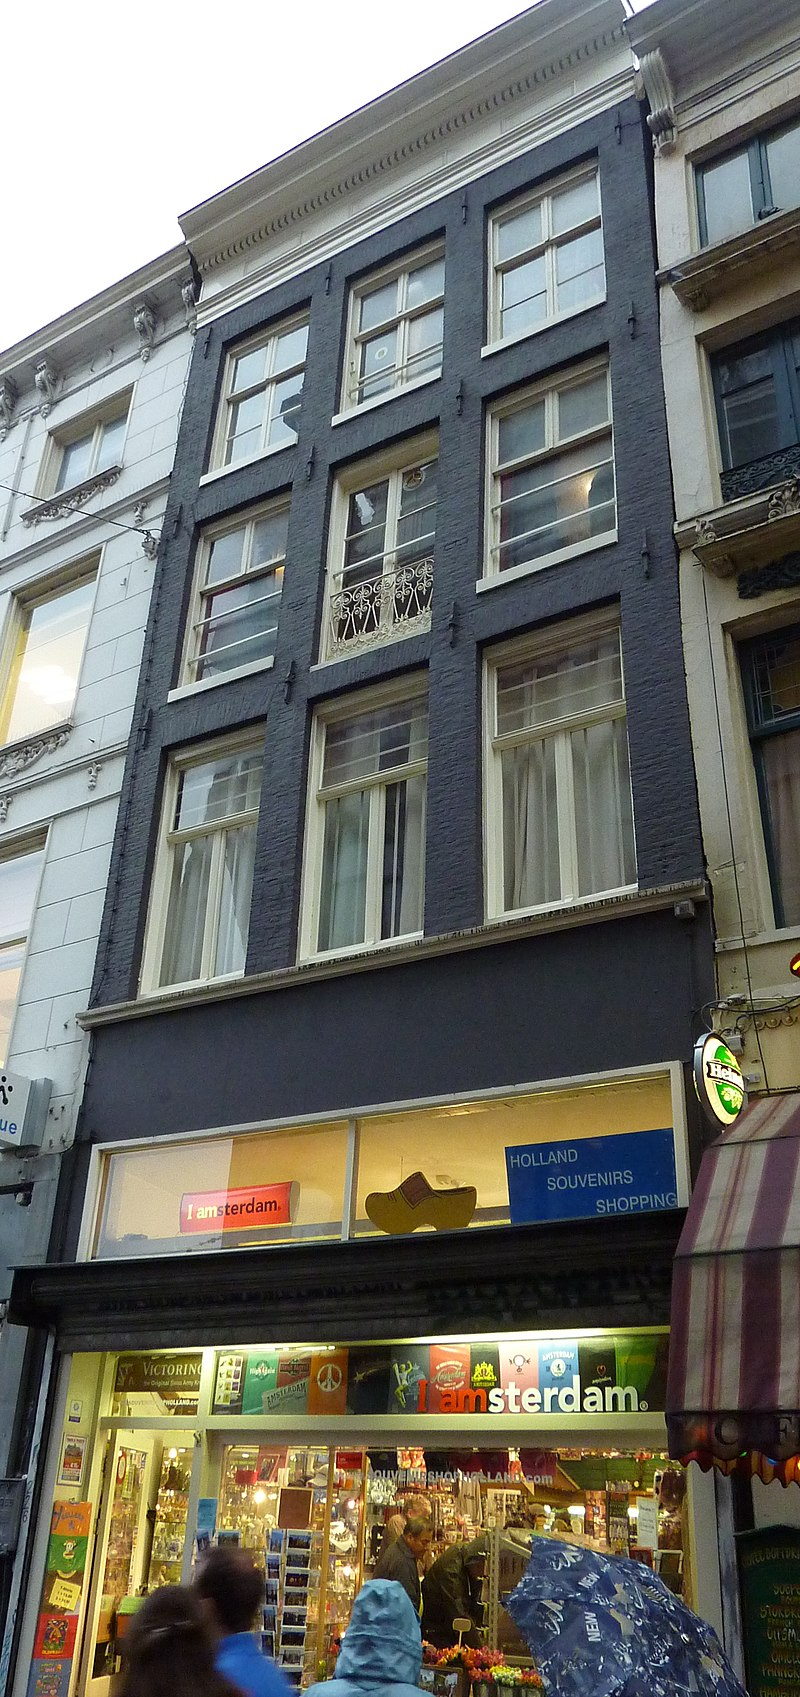 Tassen Nieuwendijk Amsterdam : Pand met gevel onder rechte lijst in amsterdam monument